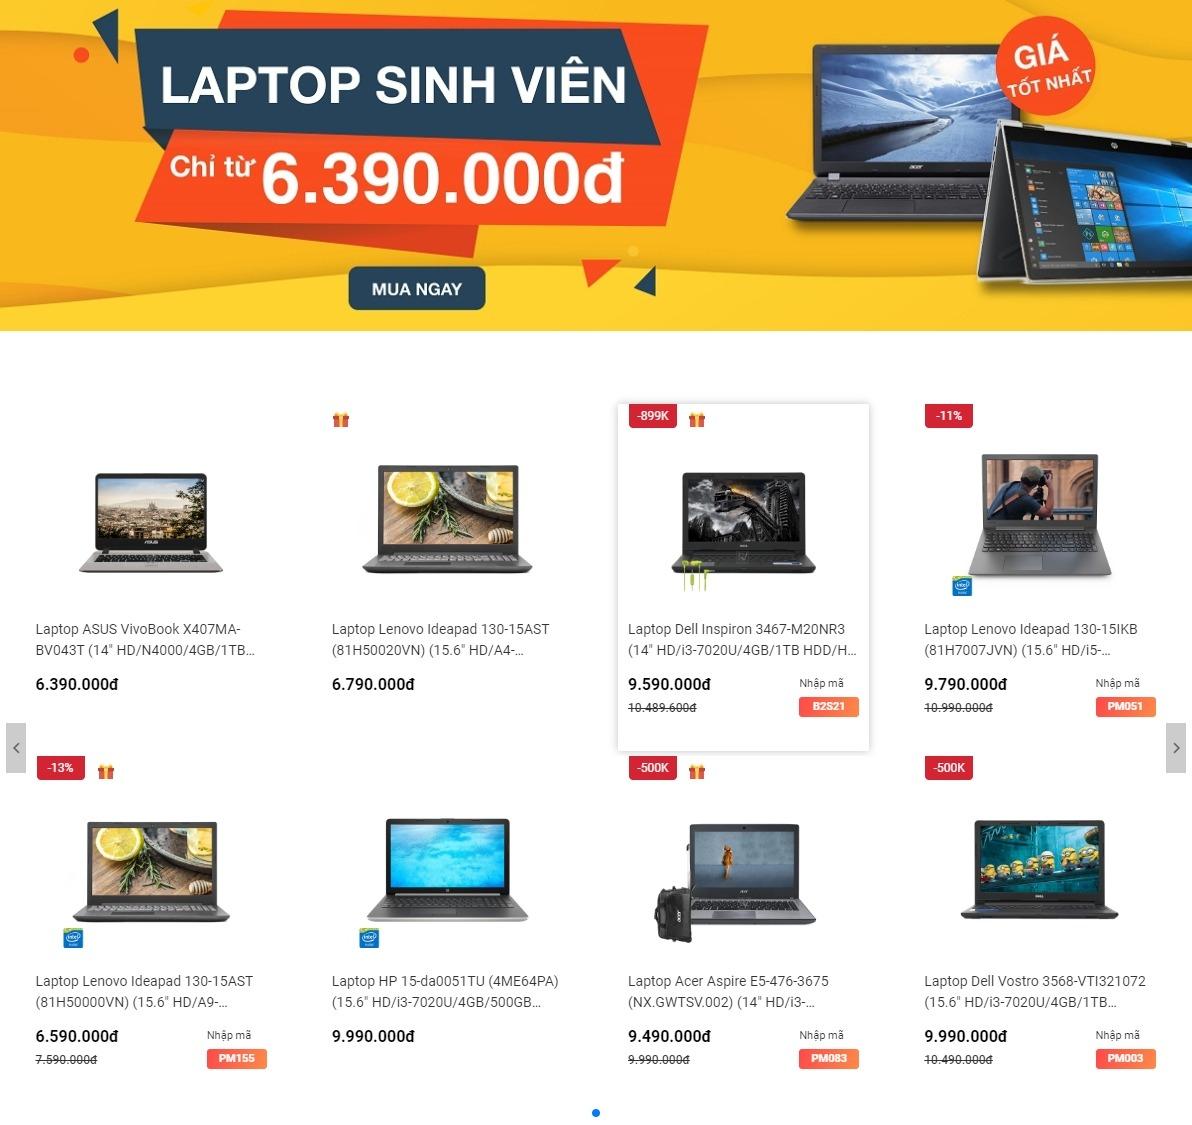 Mua laptop tai Phong Vu giam gia truc tiep khong phien ha trong mua Back to School 2019